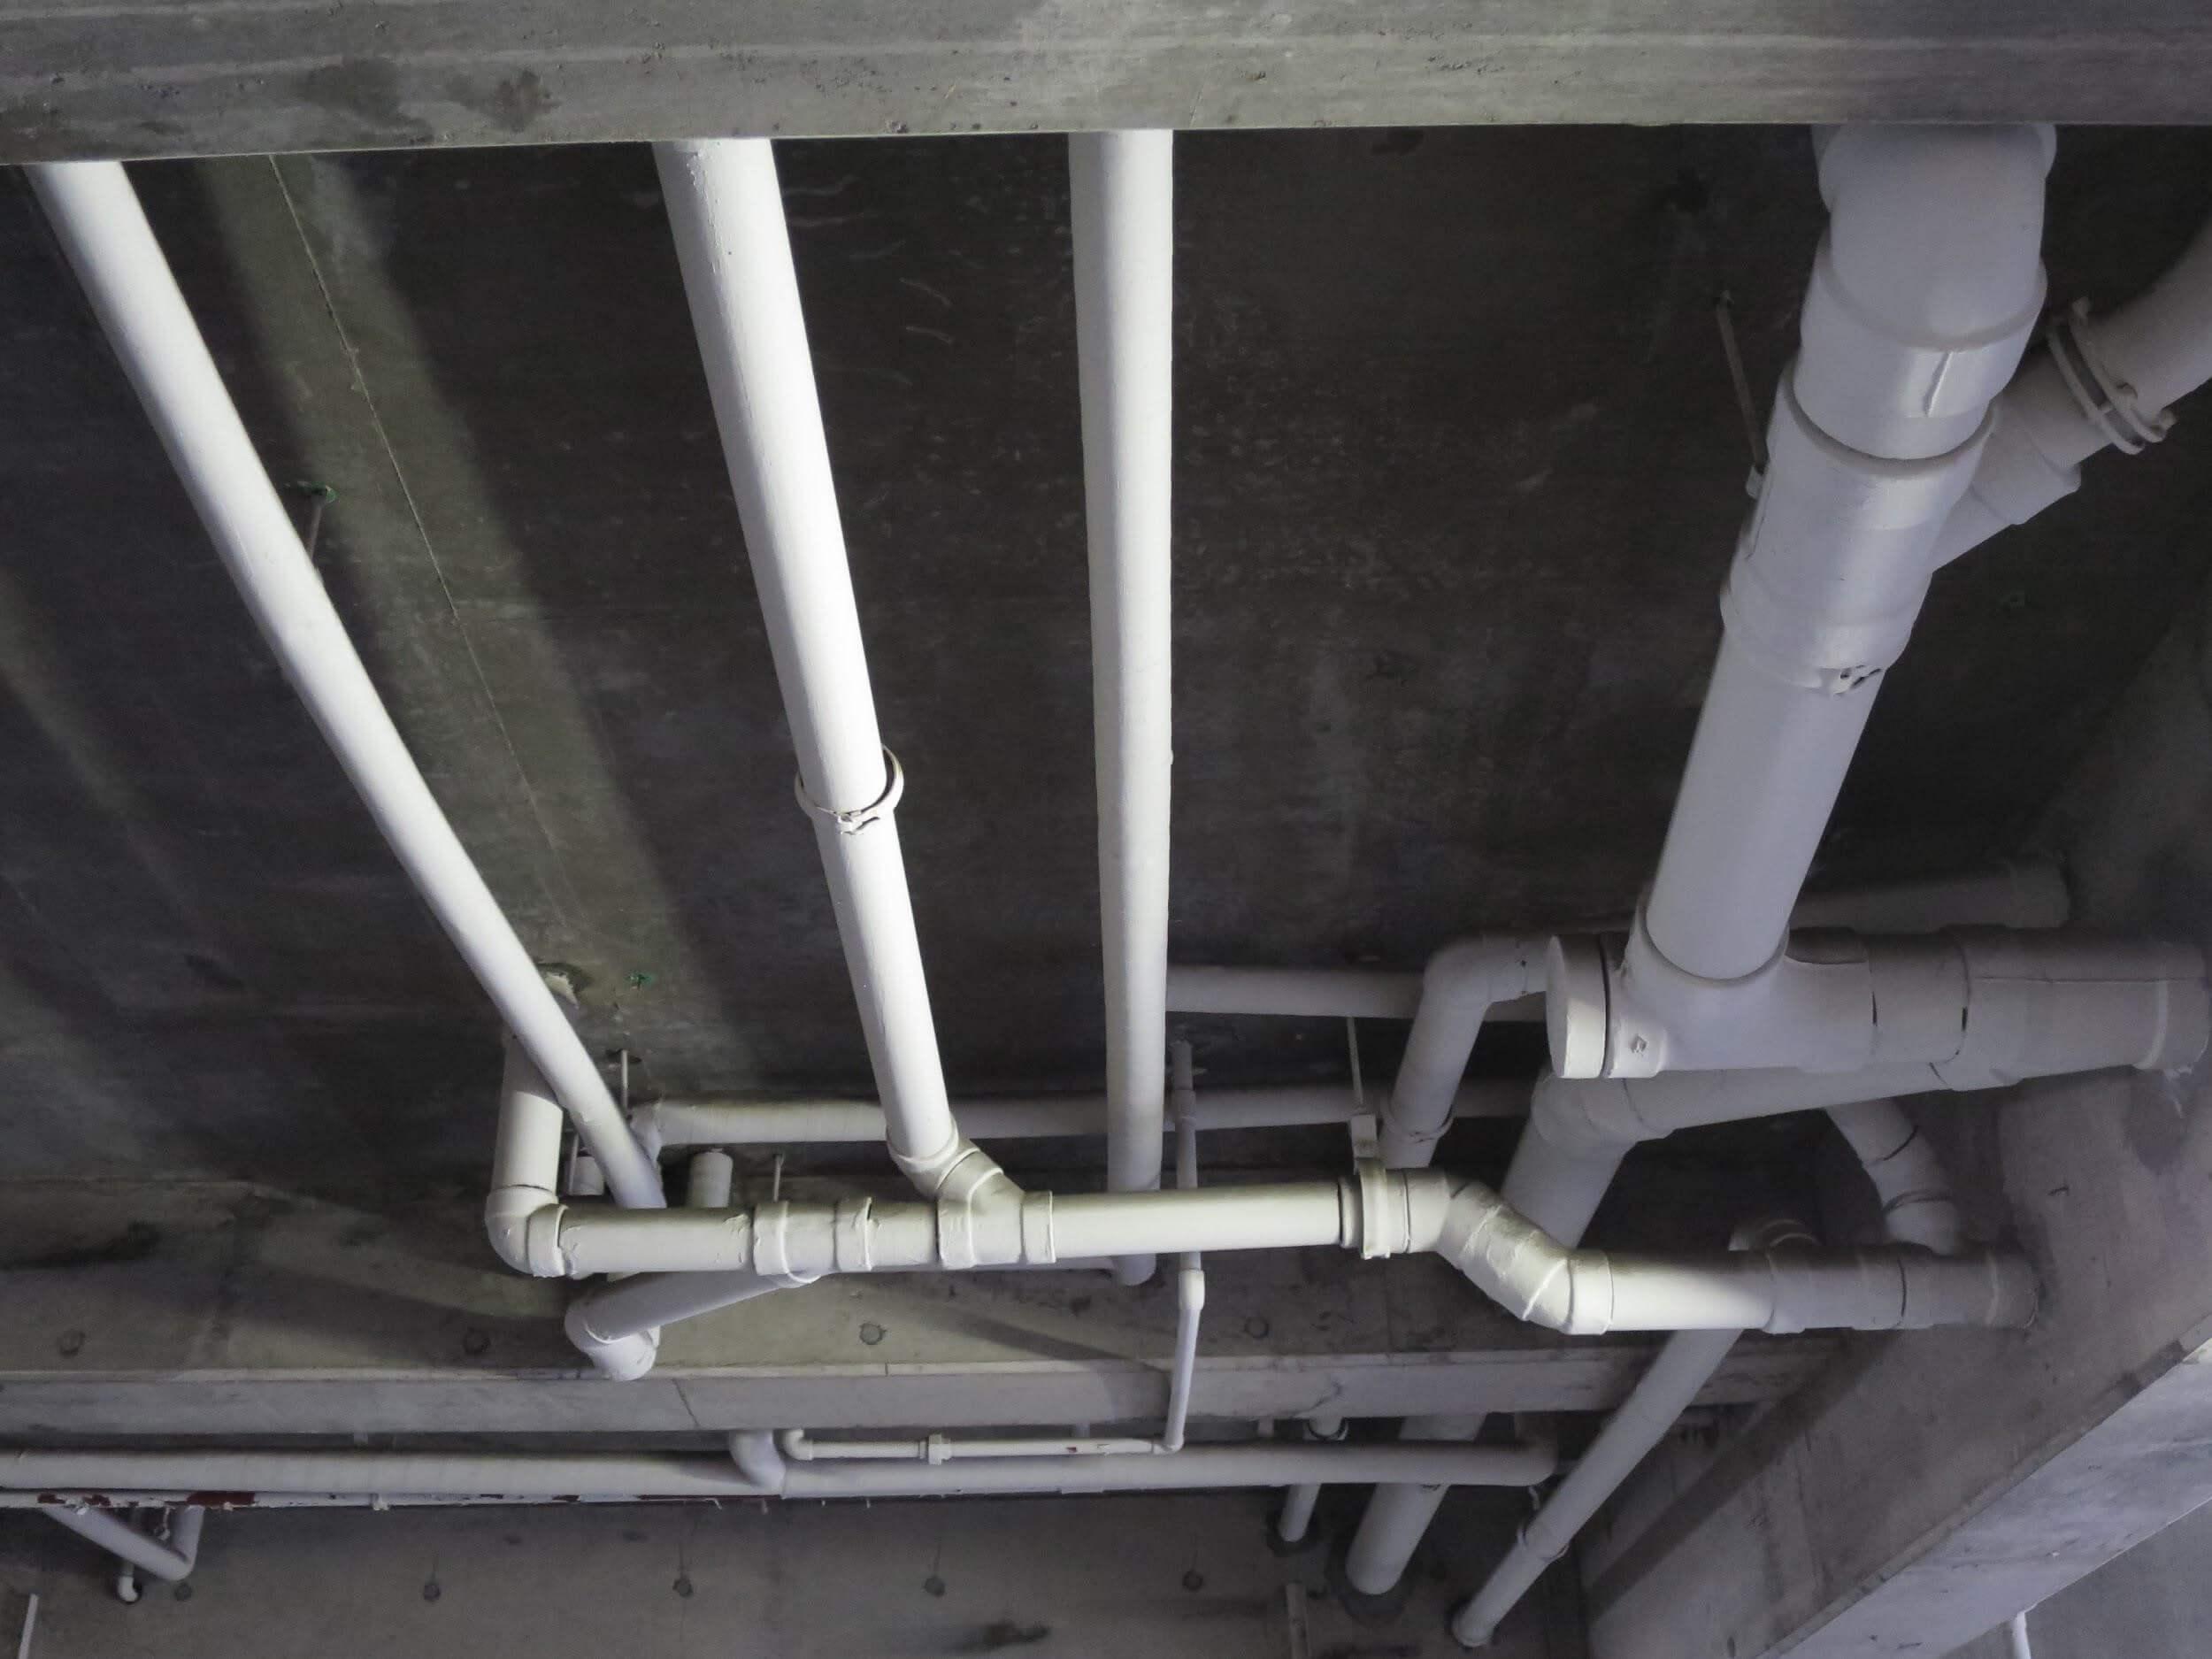 配管の損傷や詰まりによる水漏れ